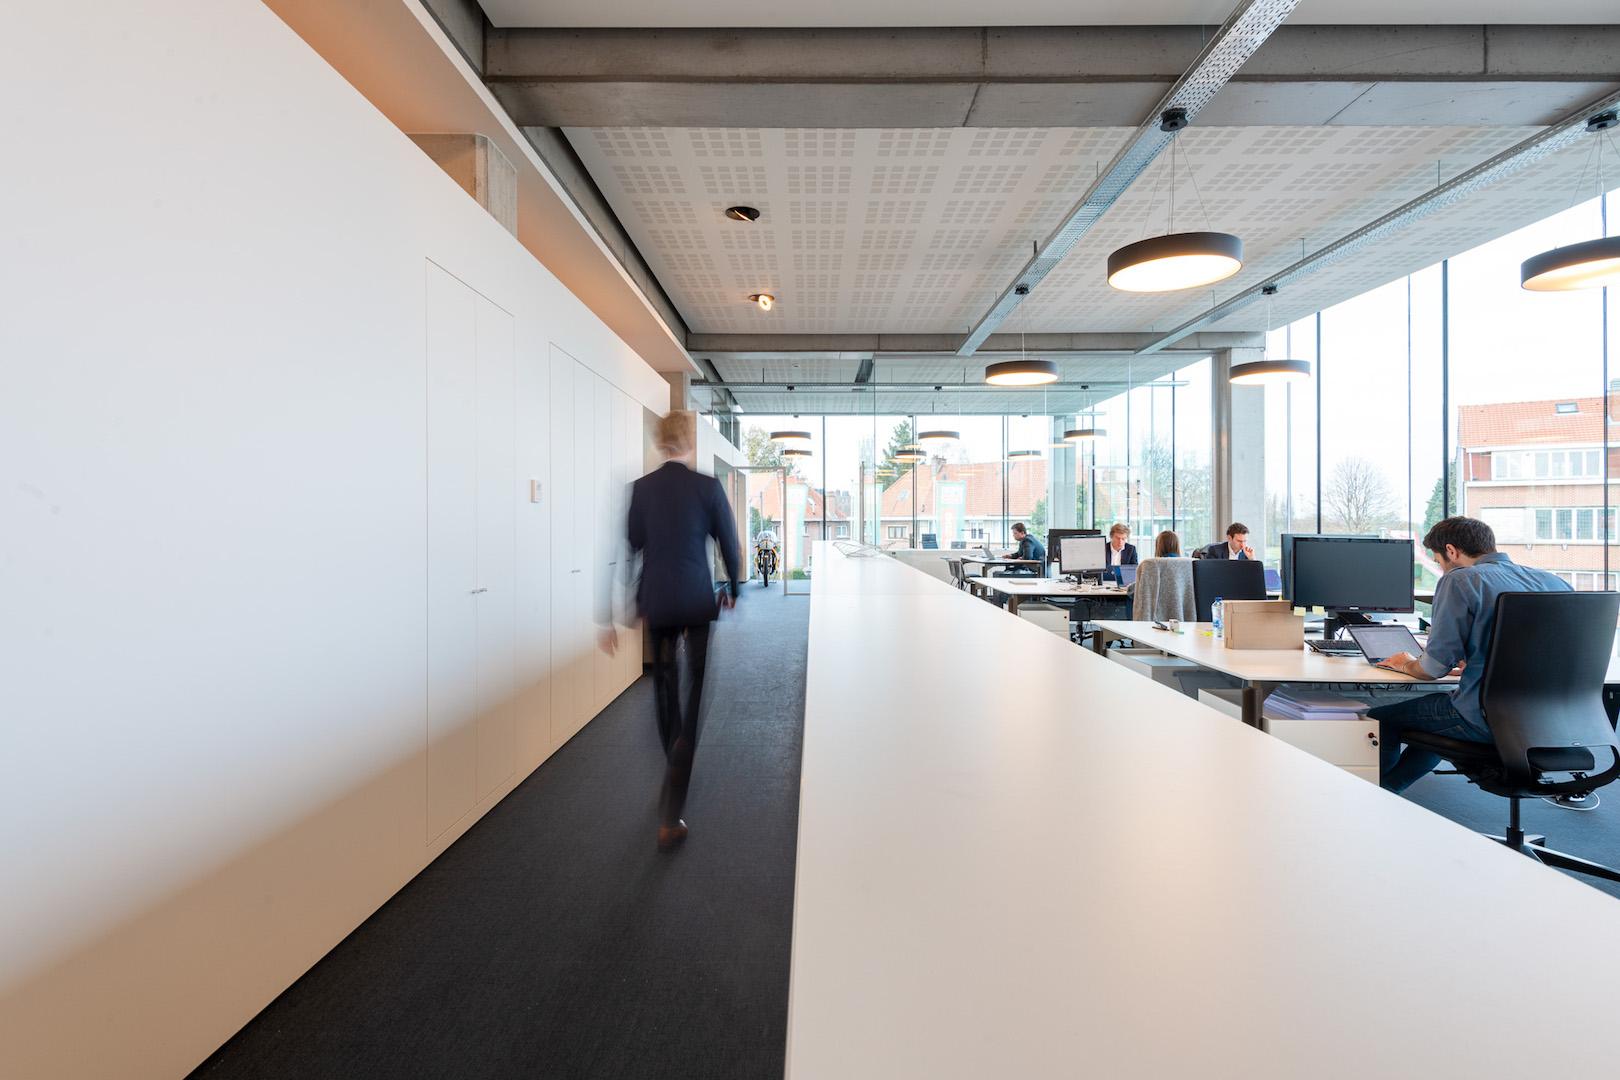 Dynamische beelden op kantoor